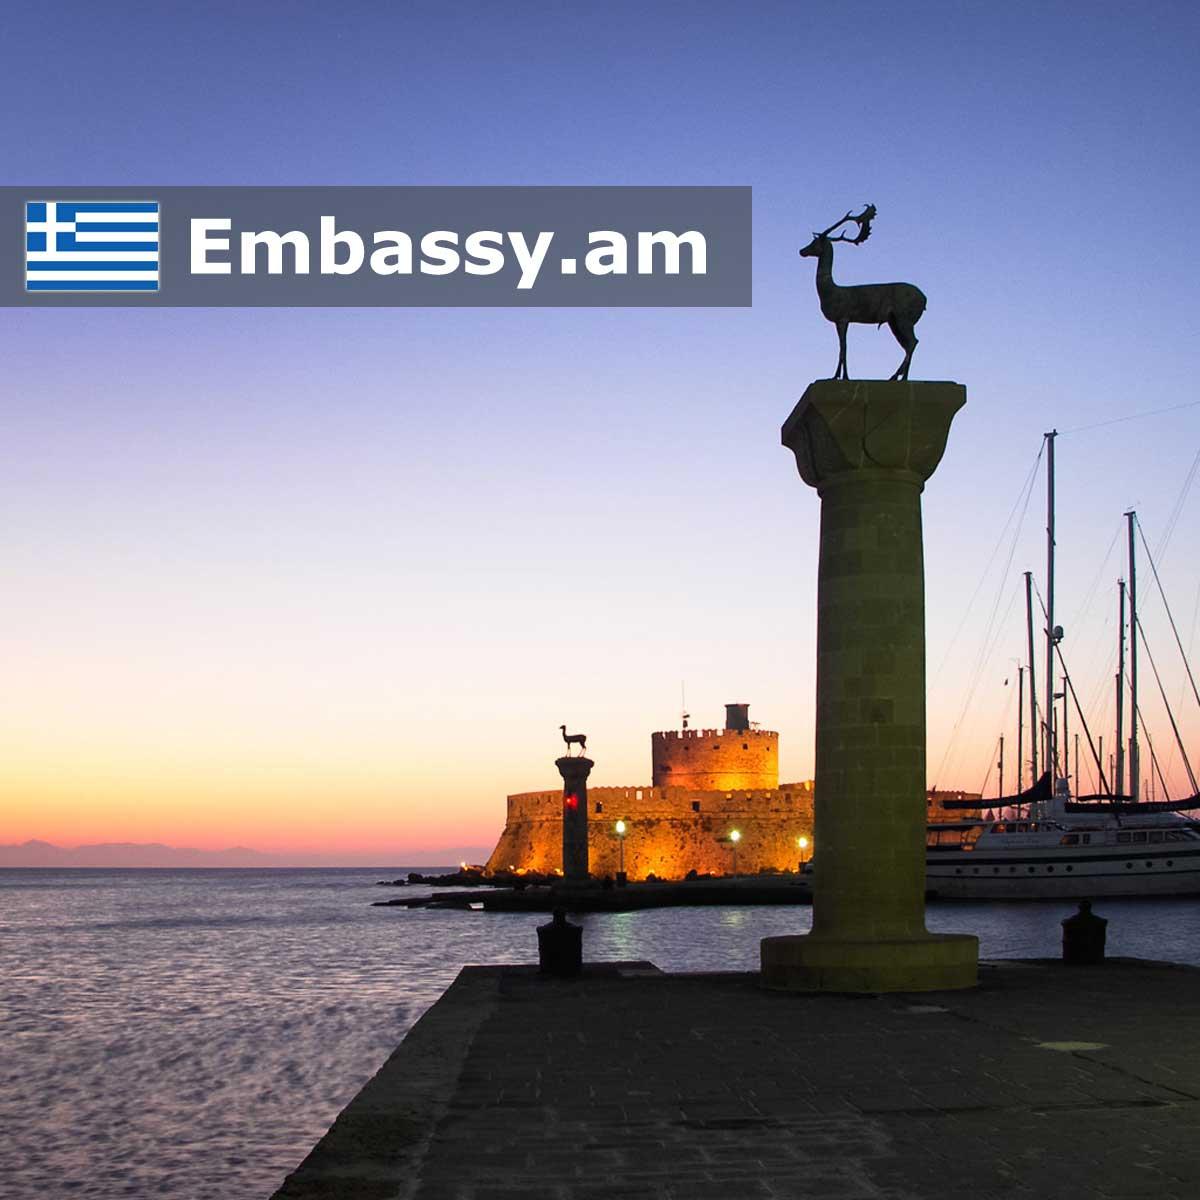 Հռոդոս - Հյուրանոցներ Հունաստանում - Embassy.am